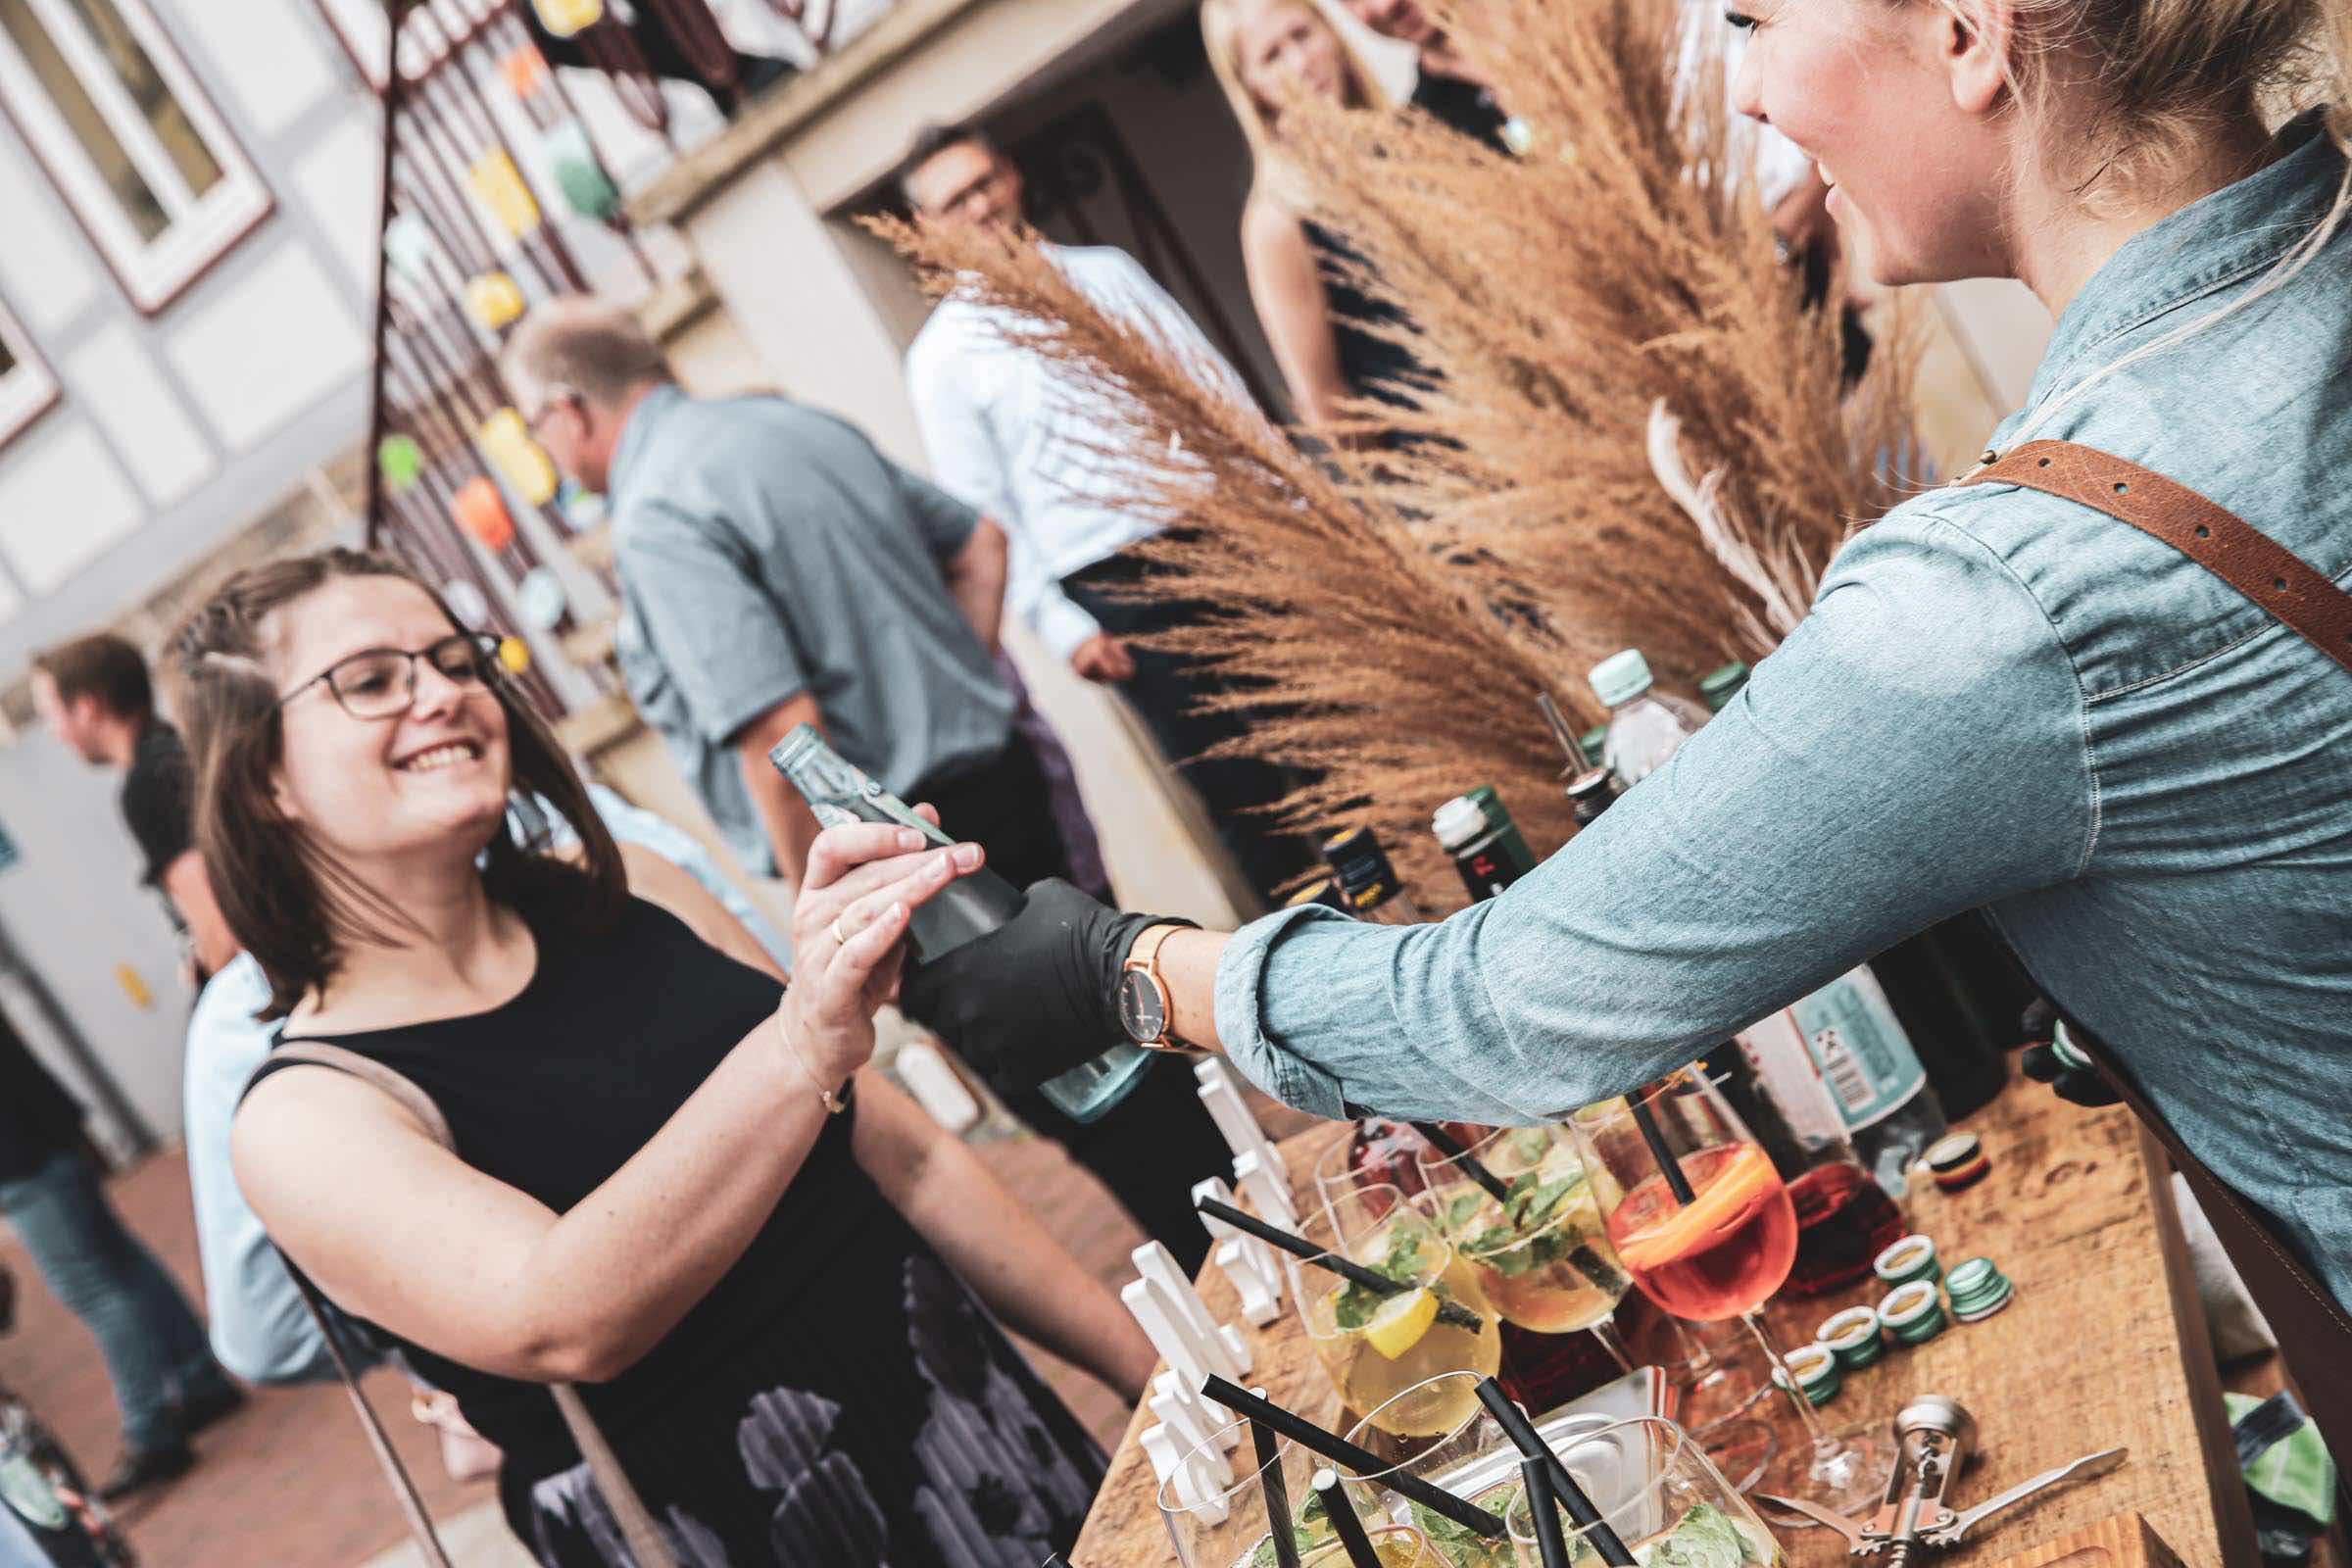 Mobile | Cocktailbar | Hamburg | Hochzeit | Sektempfang | Barkeeper | Mieten | Geburtstag | Ape | VW | Bar | Getränke | Catering | Foodtruck | Ginbar | Weinbar | Sektbar | Kaffeebar | Standesamt | Hamburgfeiert